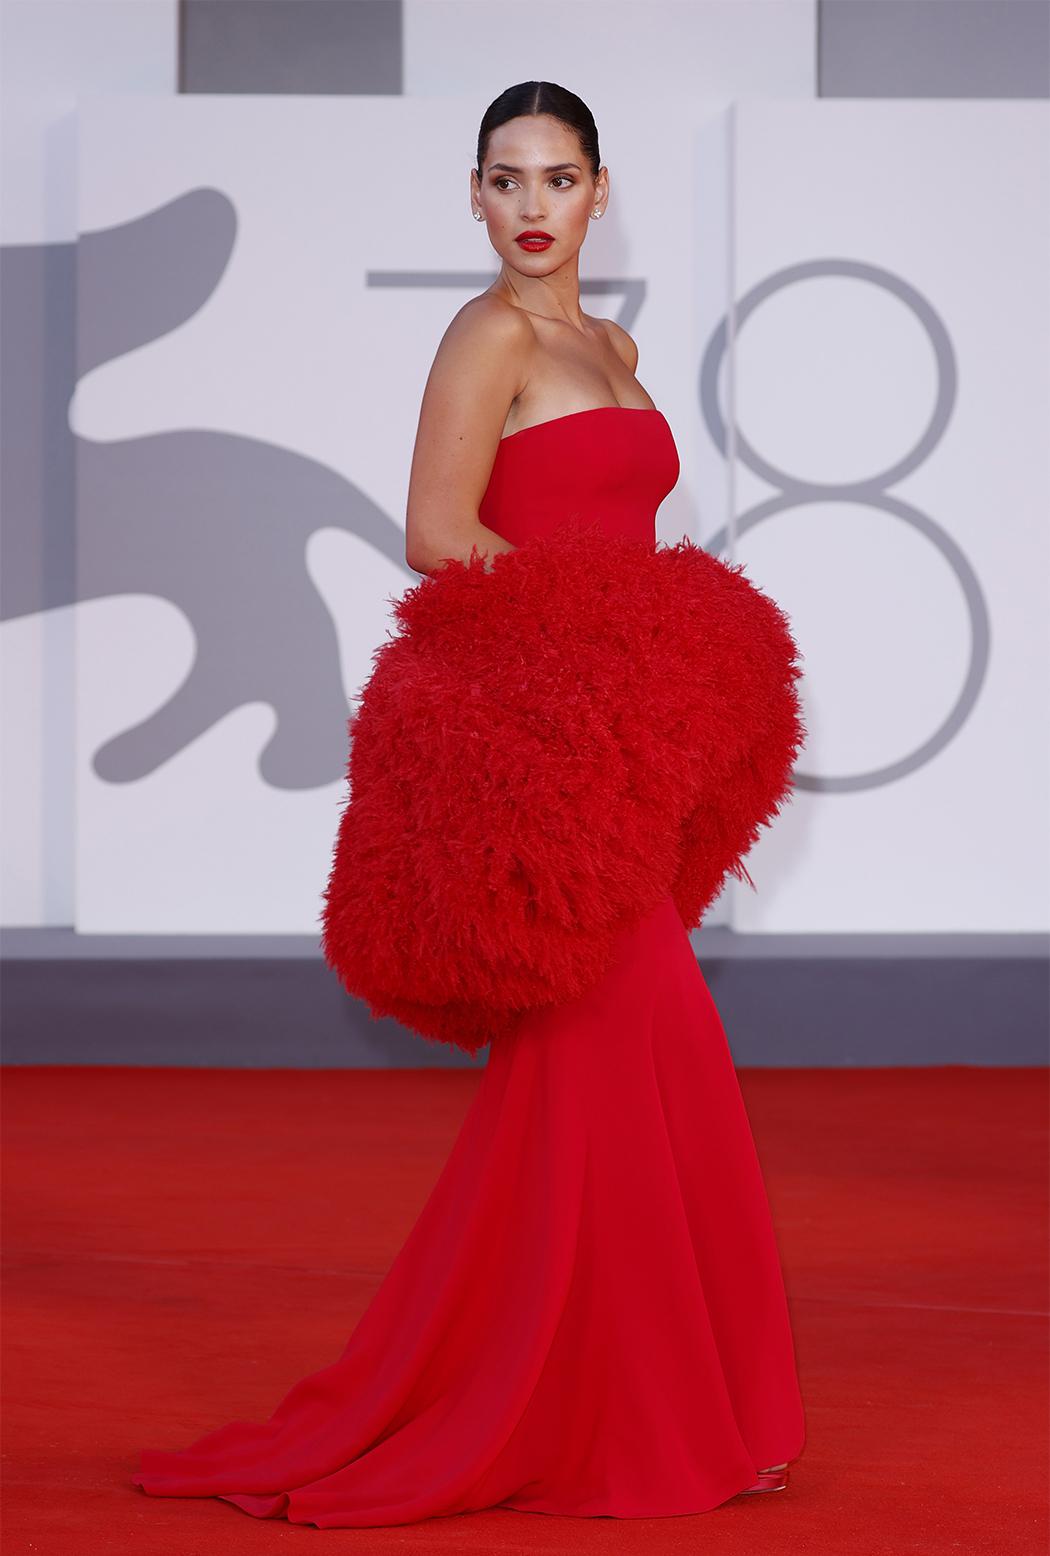 Beauty-секреты 78-го Венецианского кинофестиваля 1